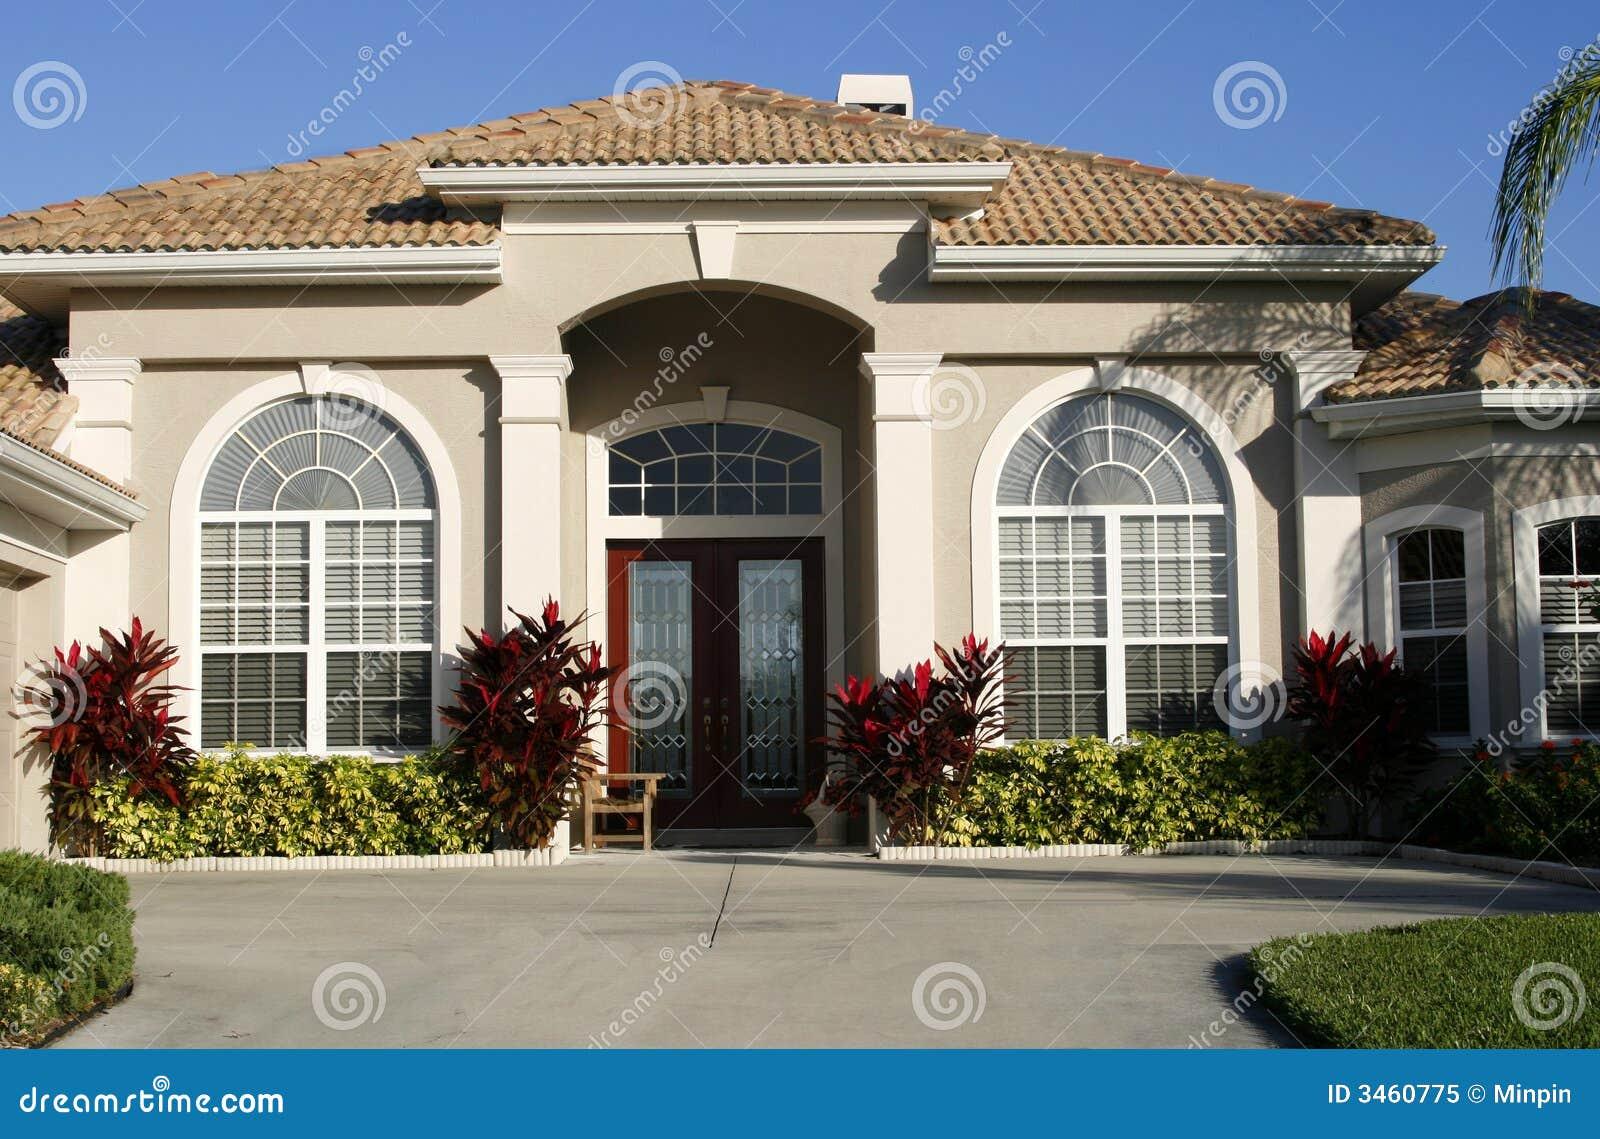 Entr E La Belle Maison Photo Libre De Droits Image 3460775